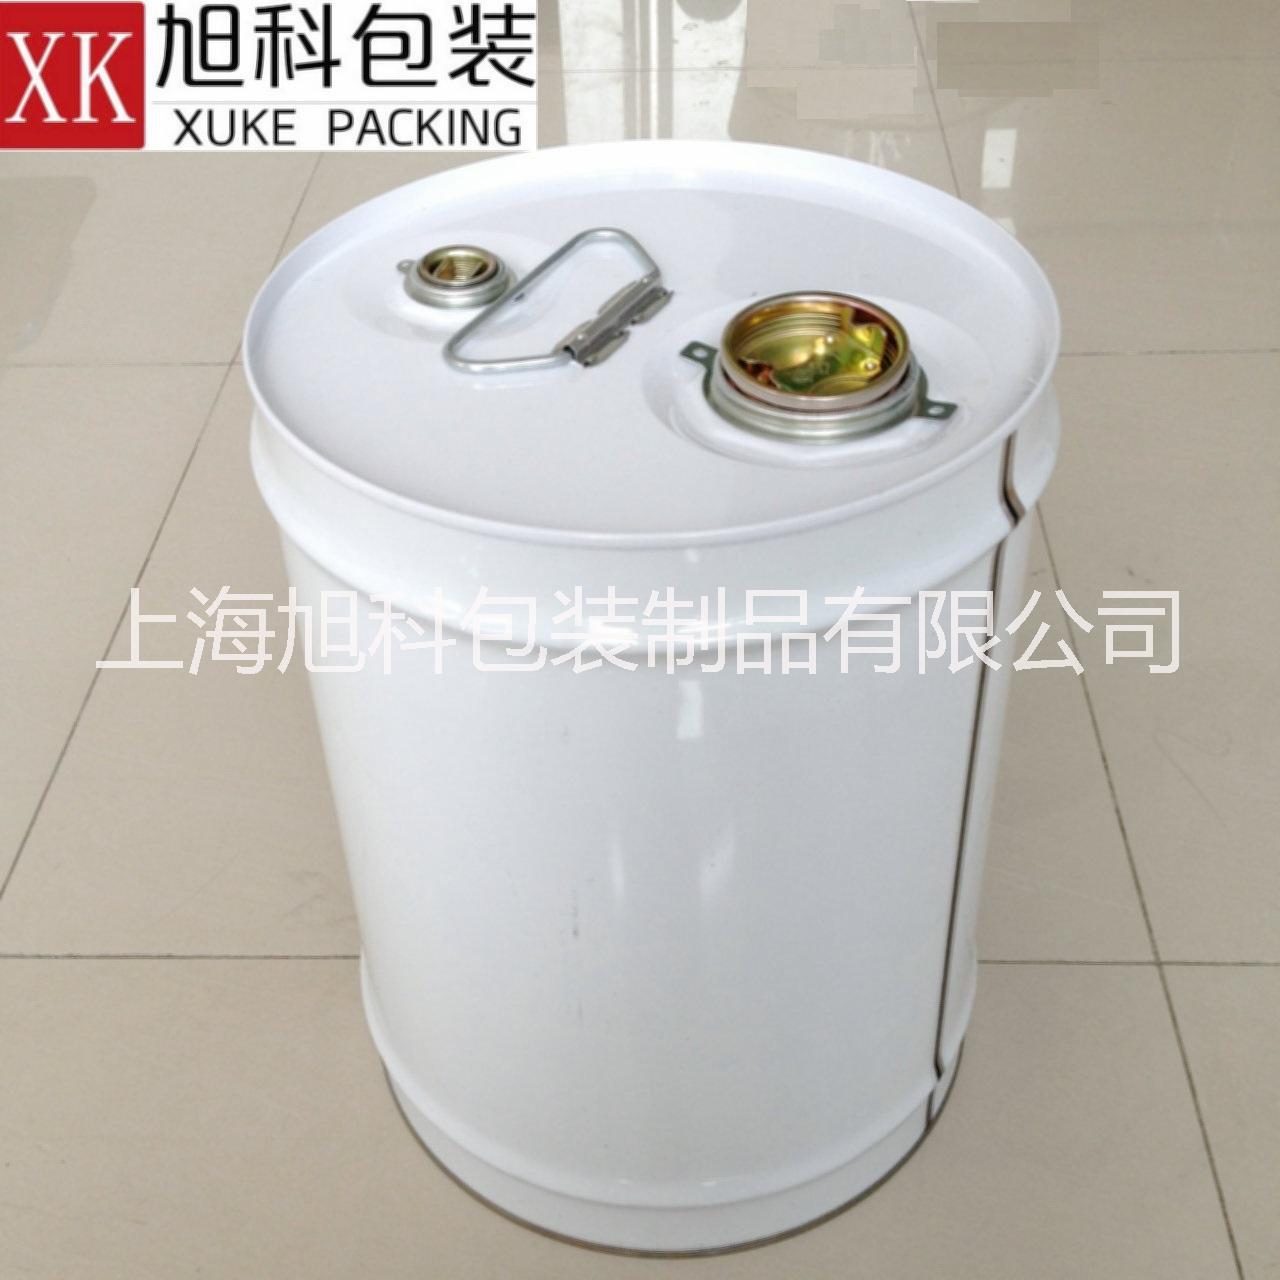 20L冷冻油桶双孔螺丝桶20kg加厚化工铁桶油桶上海定制